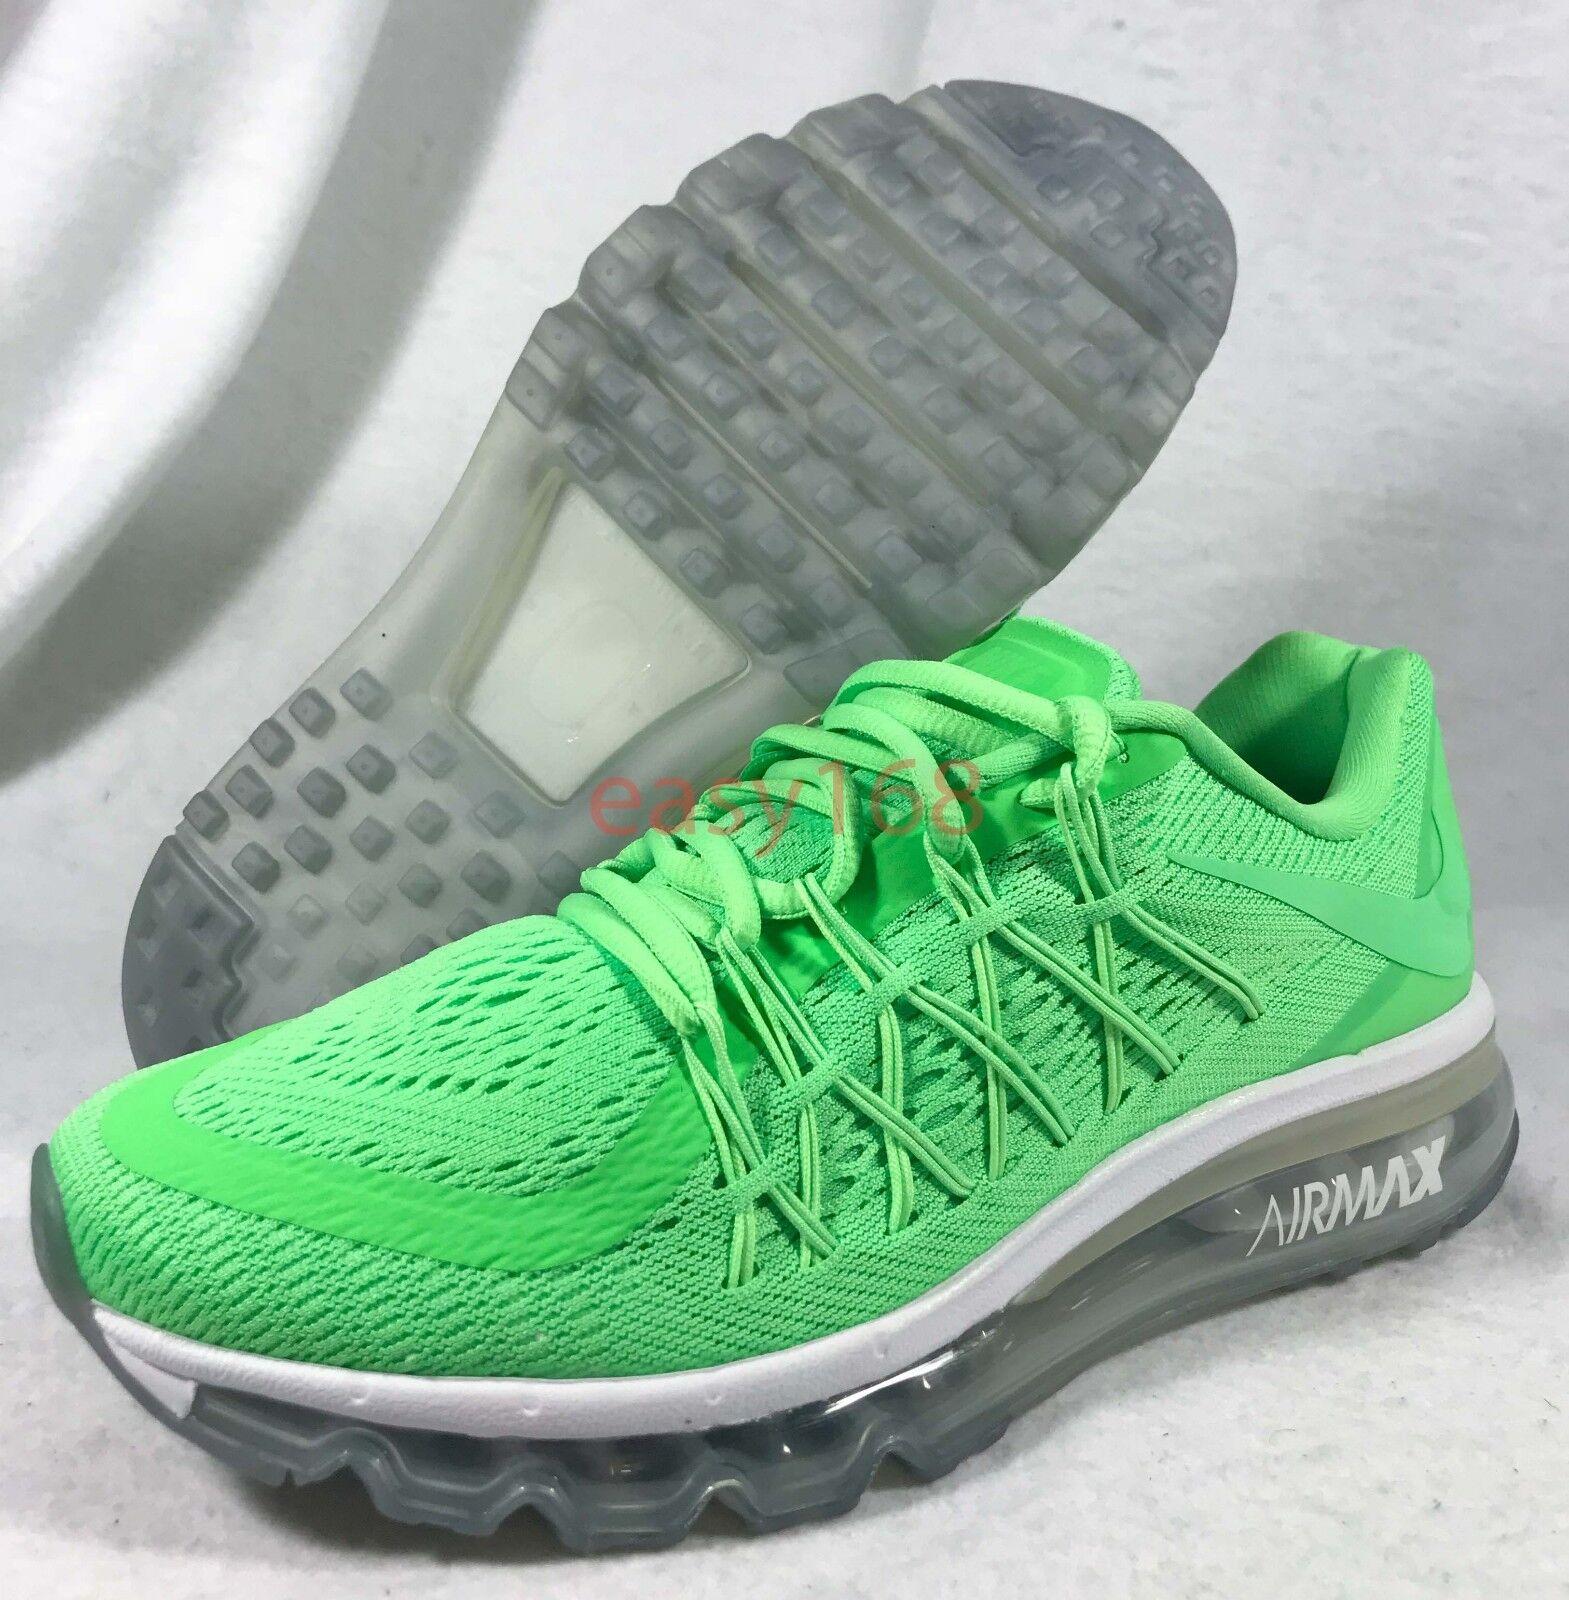 Új Nike Air Max 2015 GS sz 7Y (8,5 WMNS) 705457-300 zöld futás 360 40 EUR